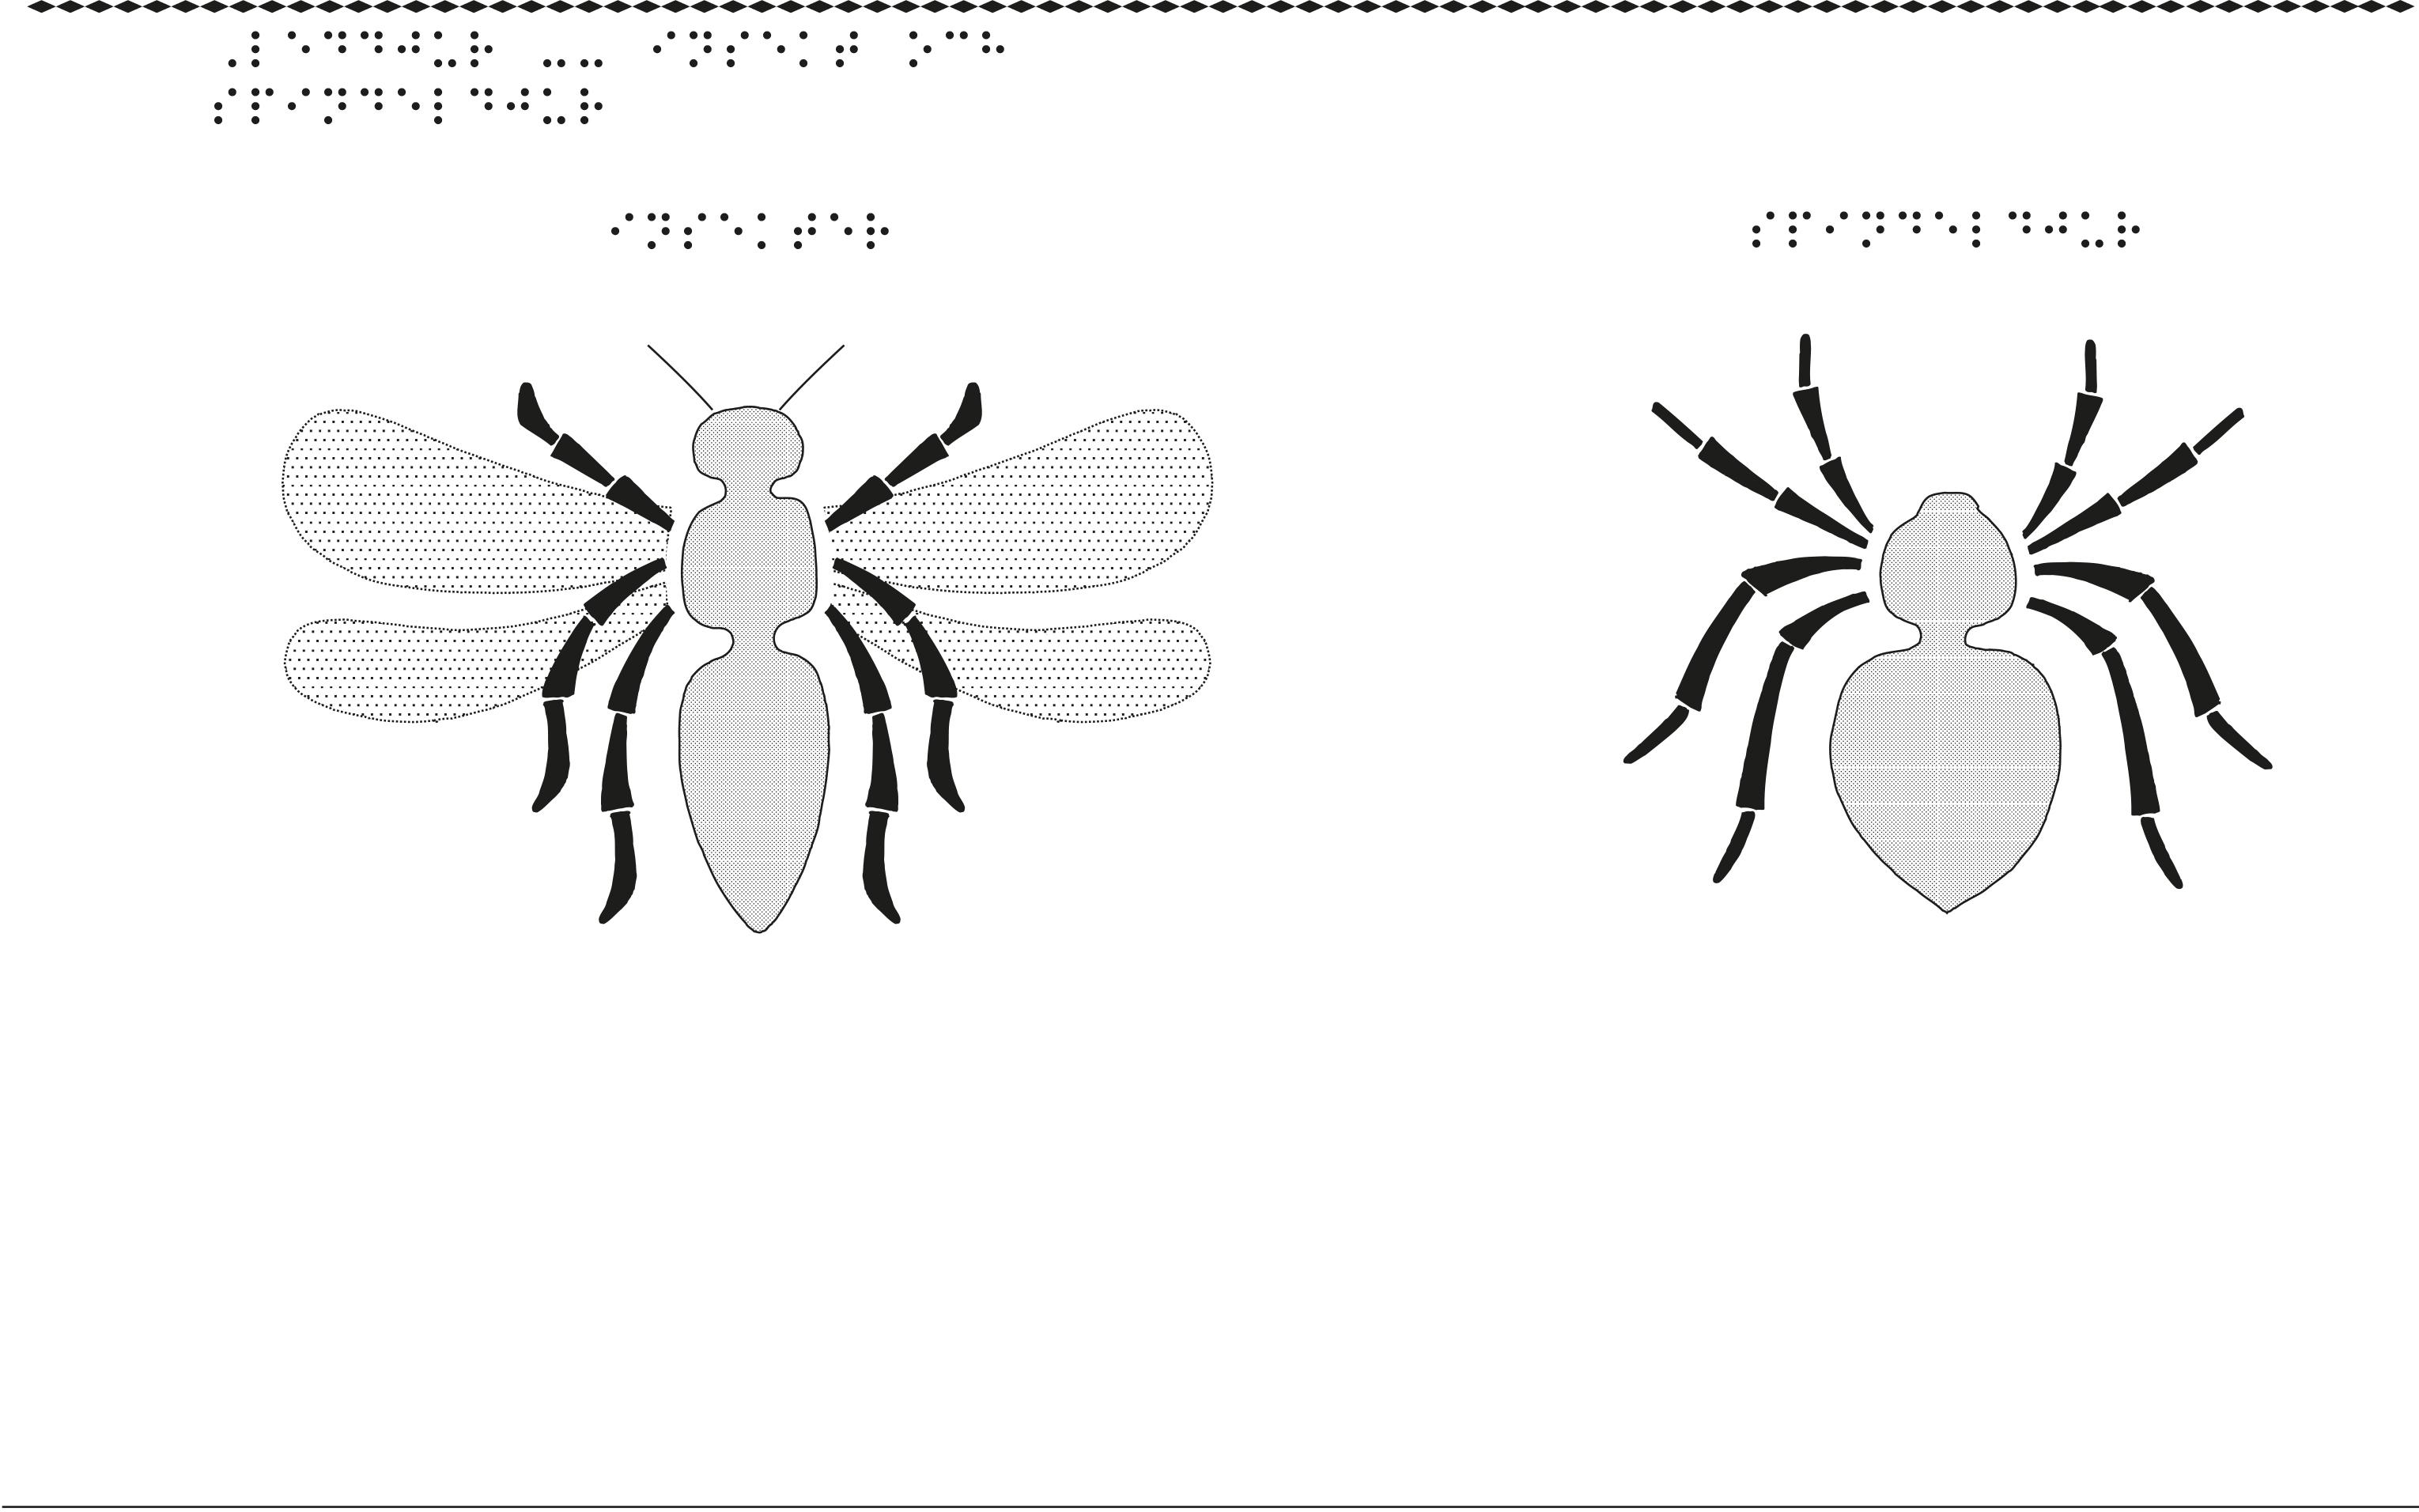 En bild om leddjur, insekter och spindlar.